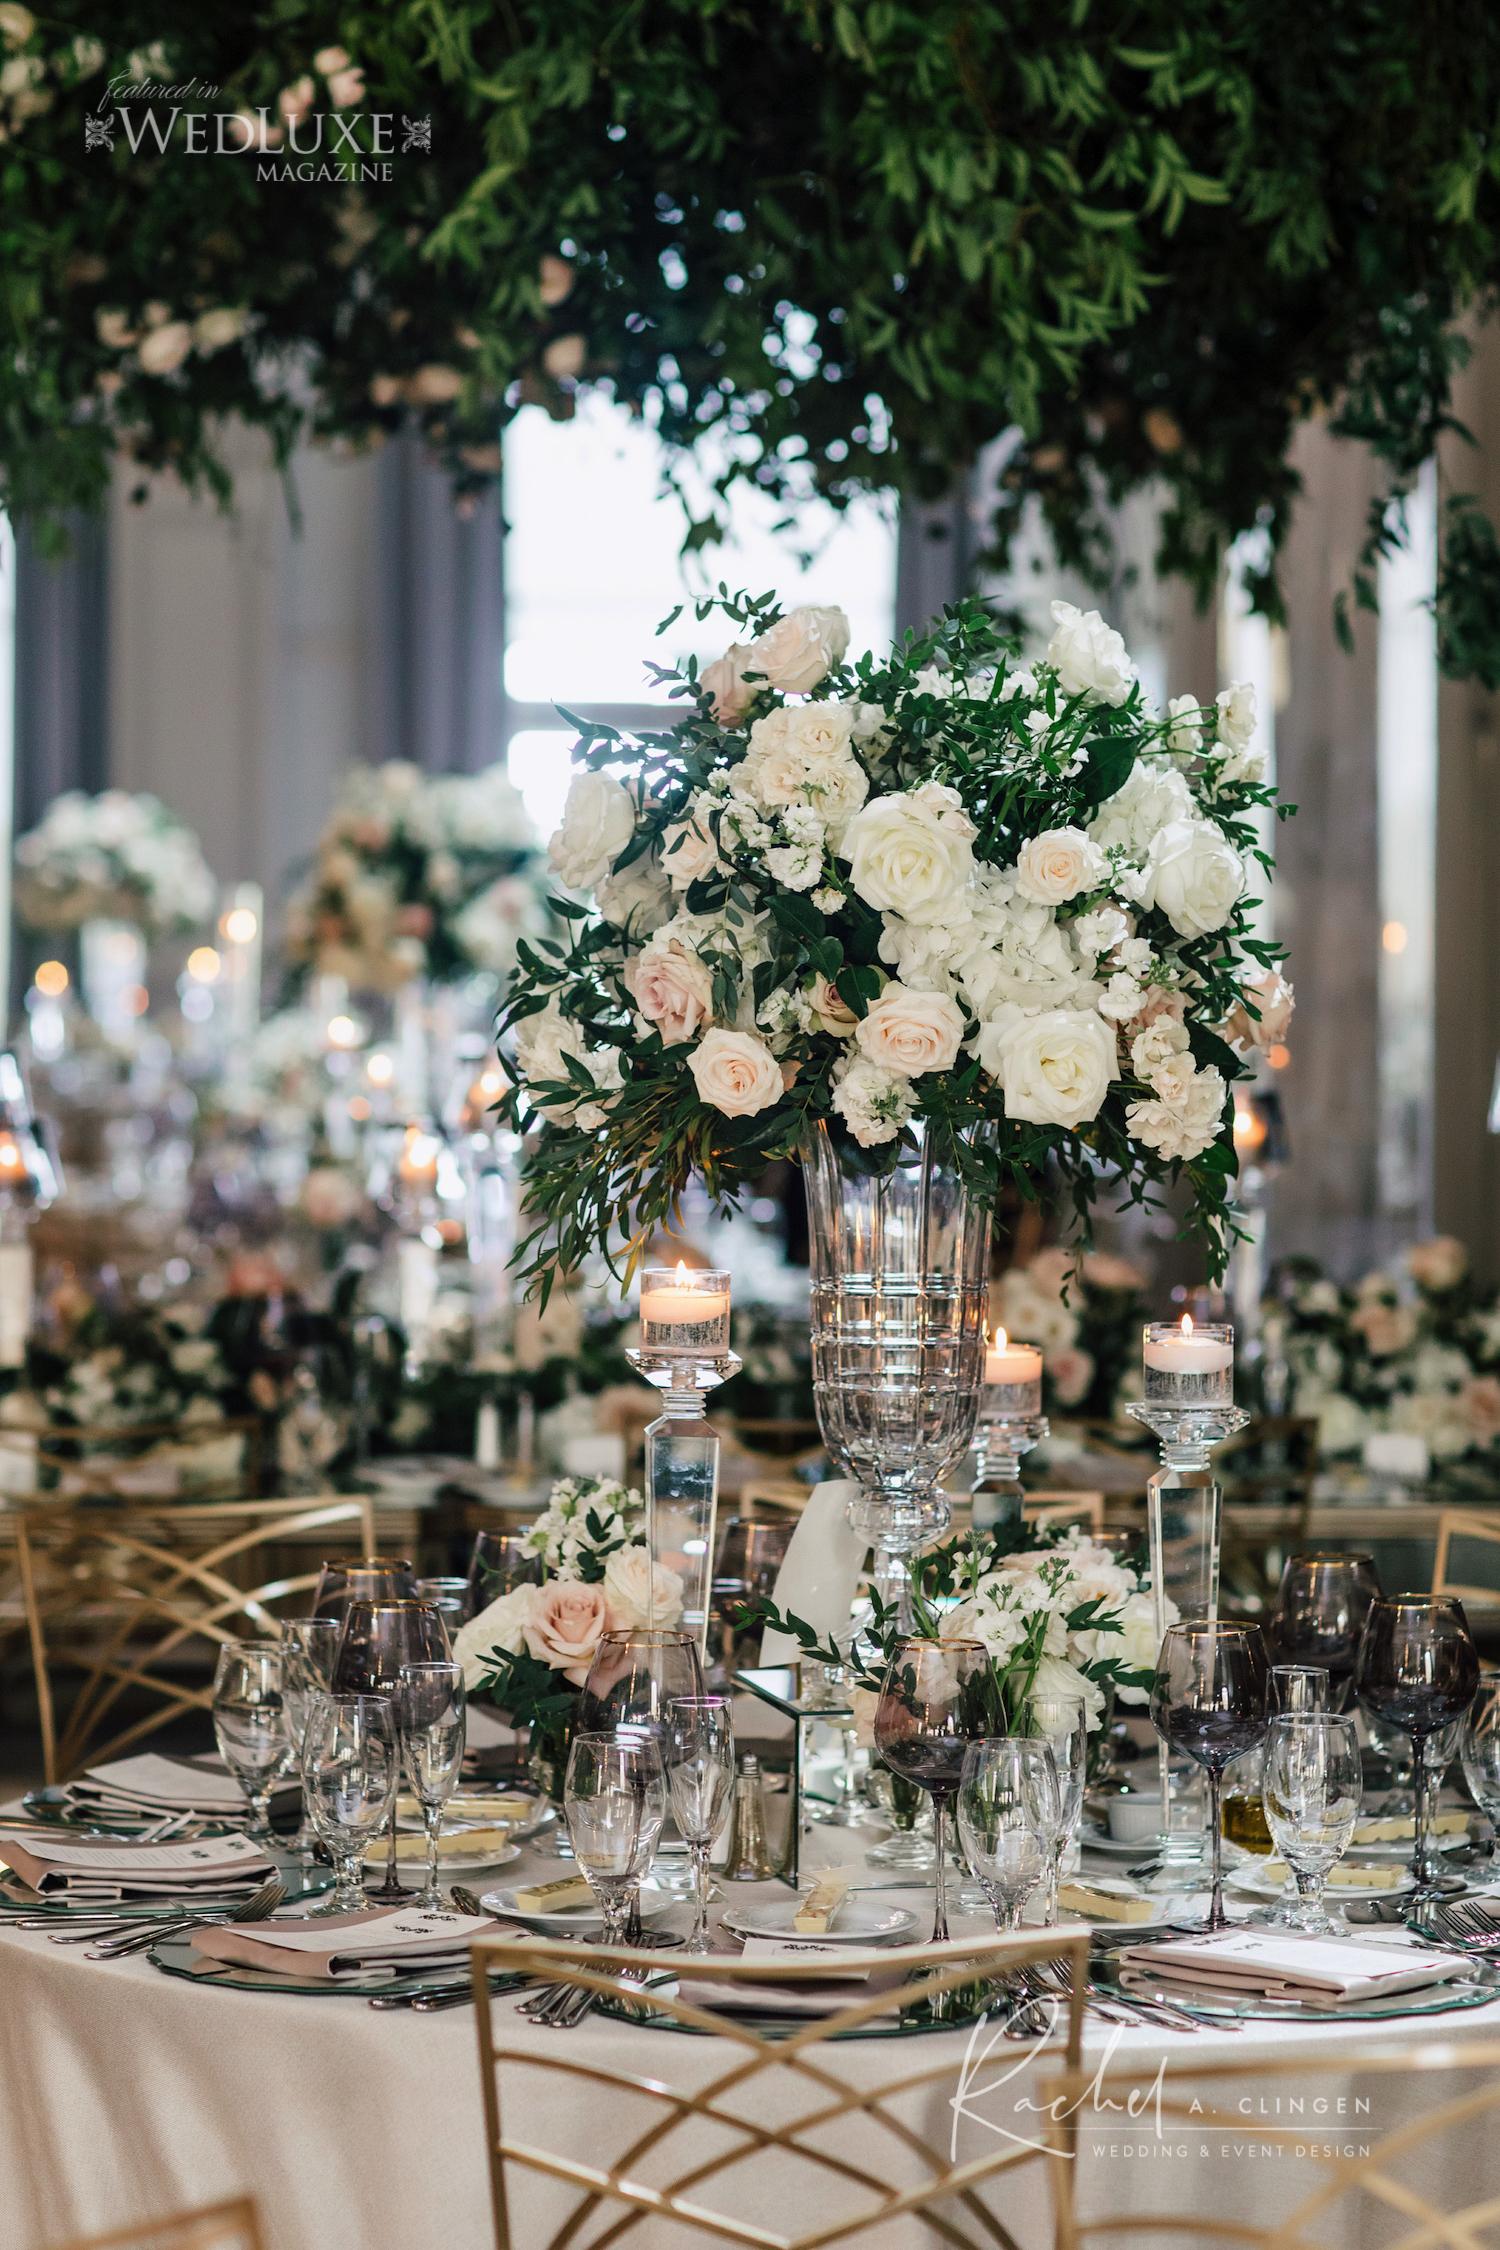 classic wedding flowers rachel a clingen